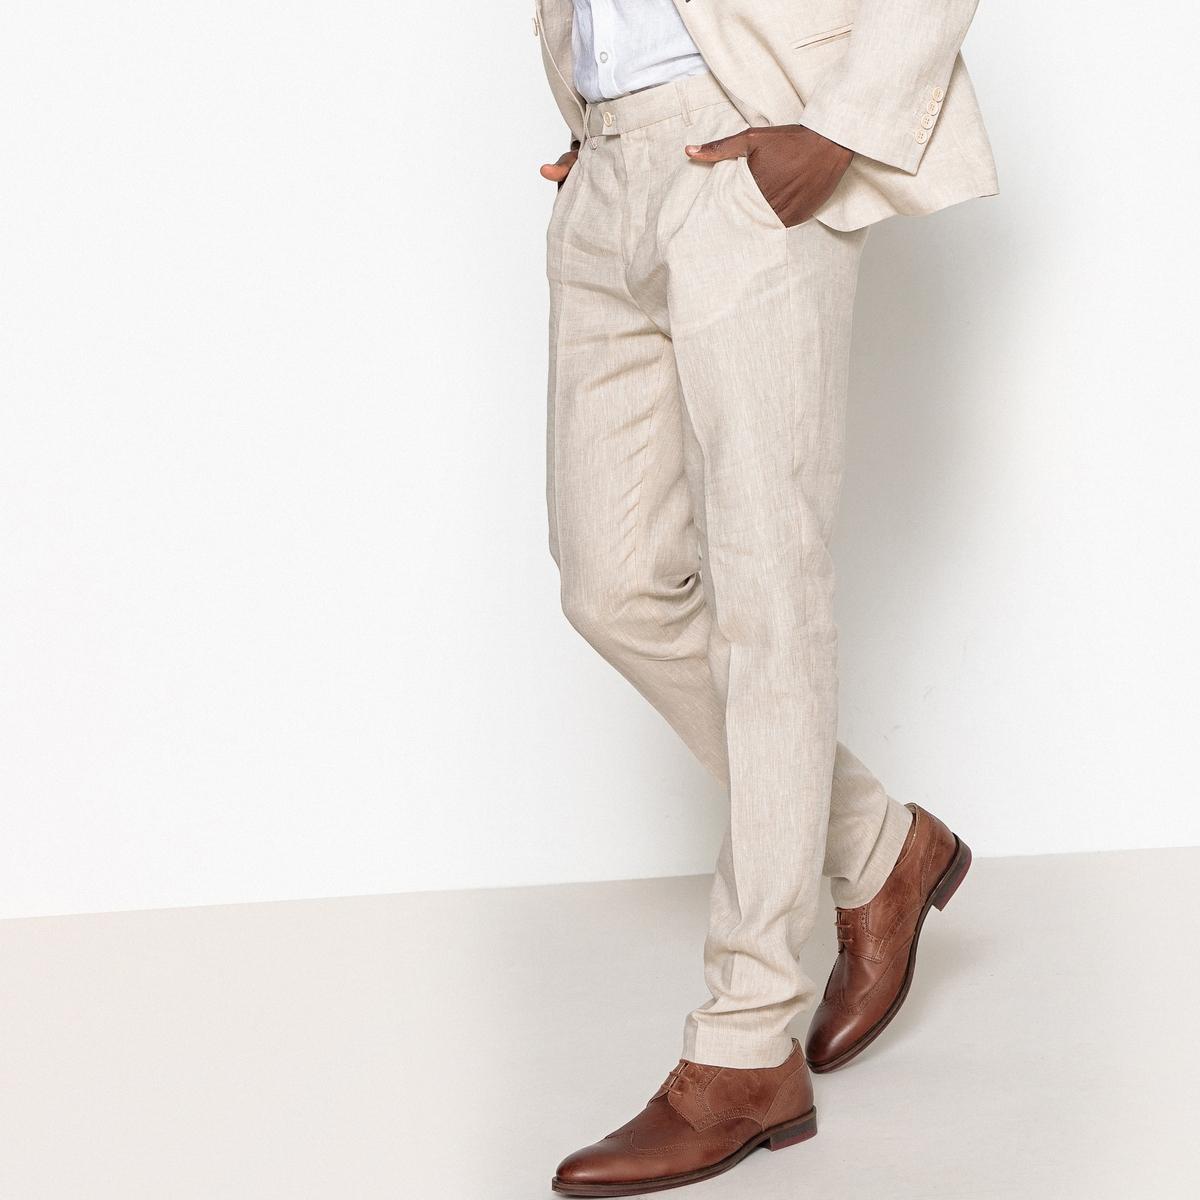 Брюки костюмные узкие из льна и хлопка брюки костюмные узкие из льна и хлопка